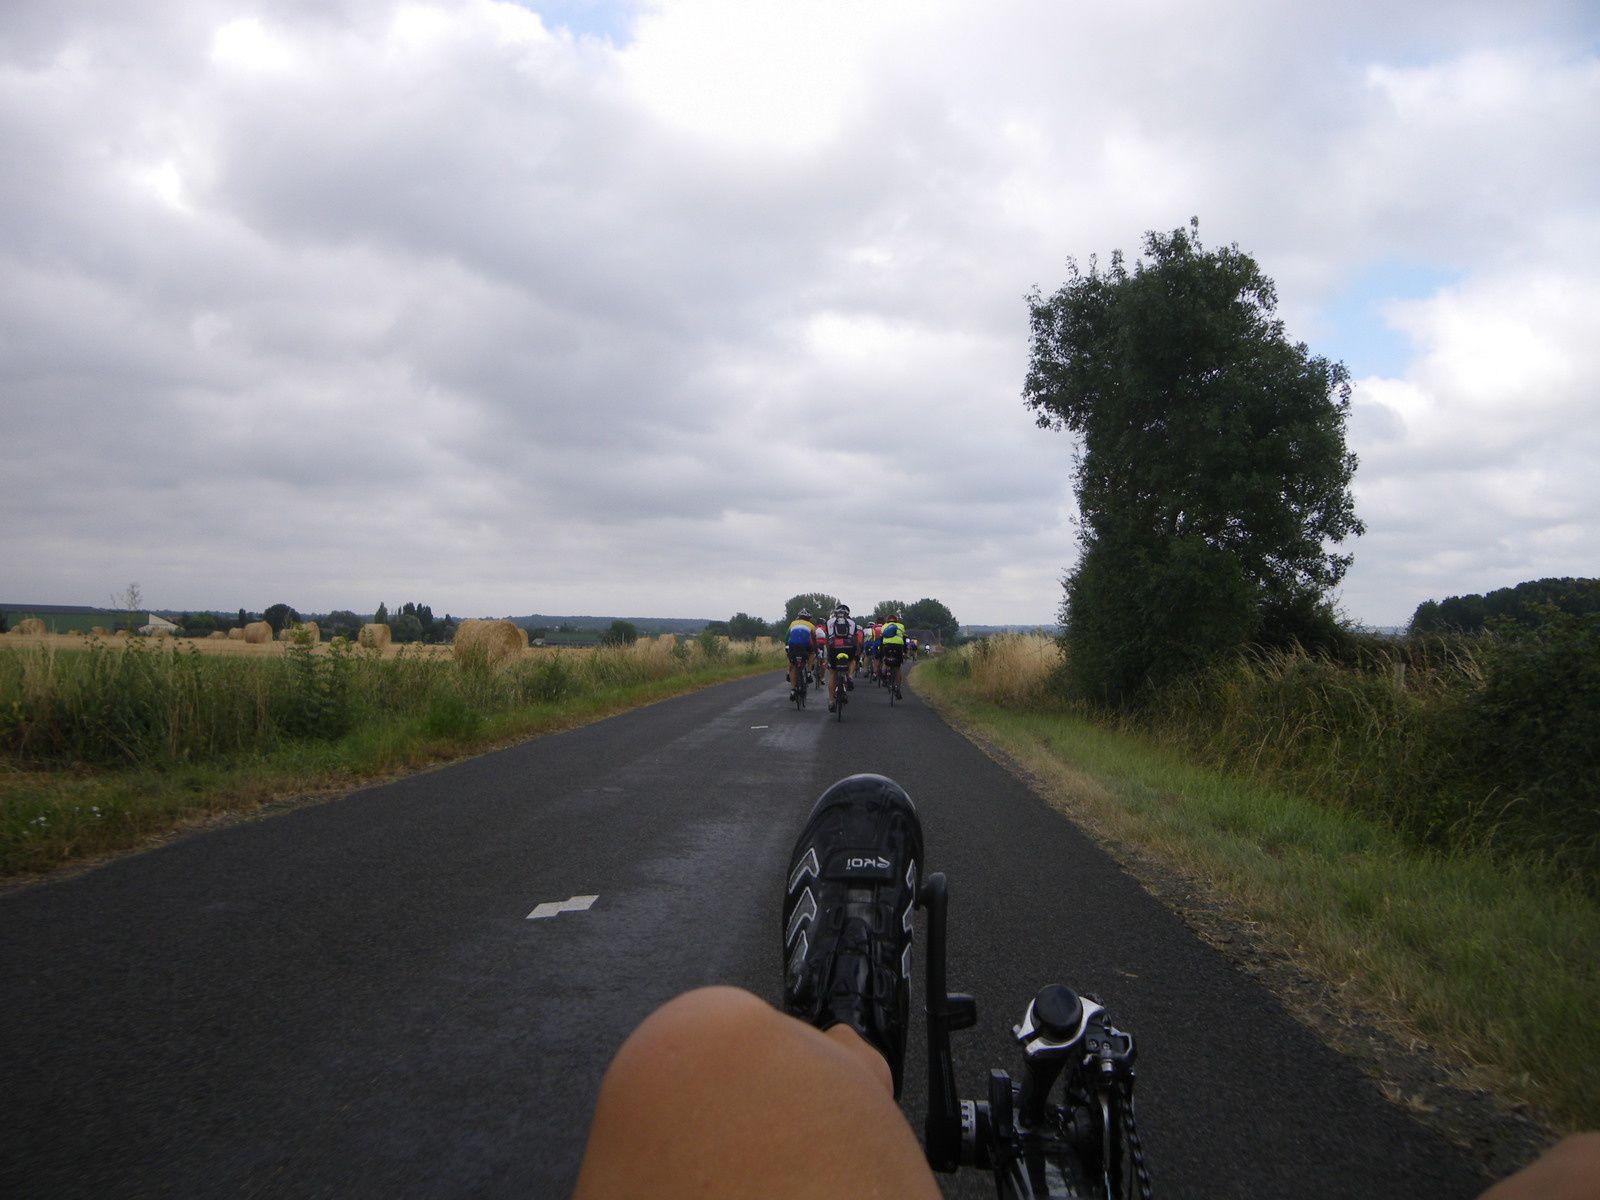 En sortie d'Angers, je reste paisiblement derrière le groupe : le soleil reste très timide derrière les nuages.